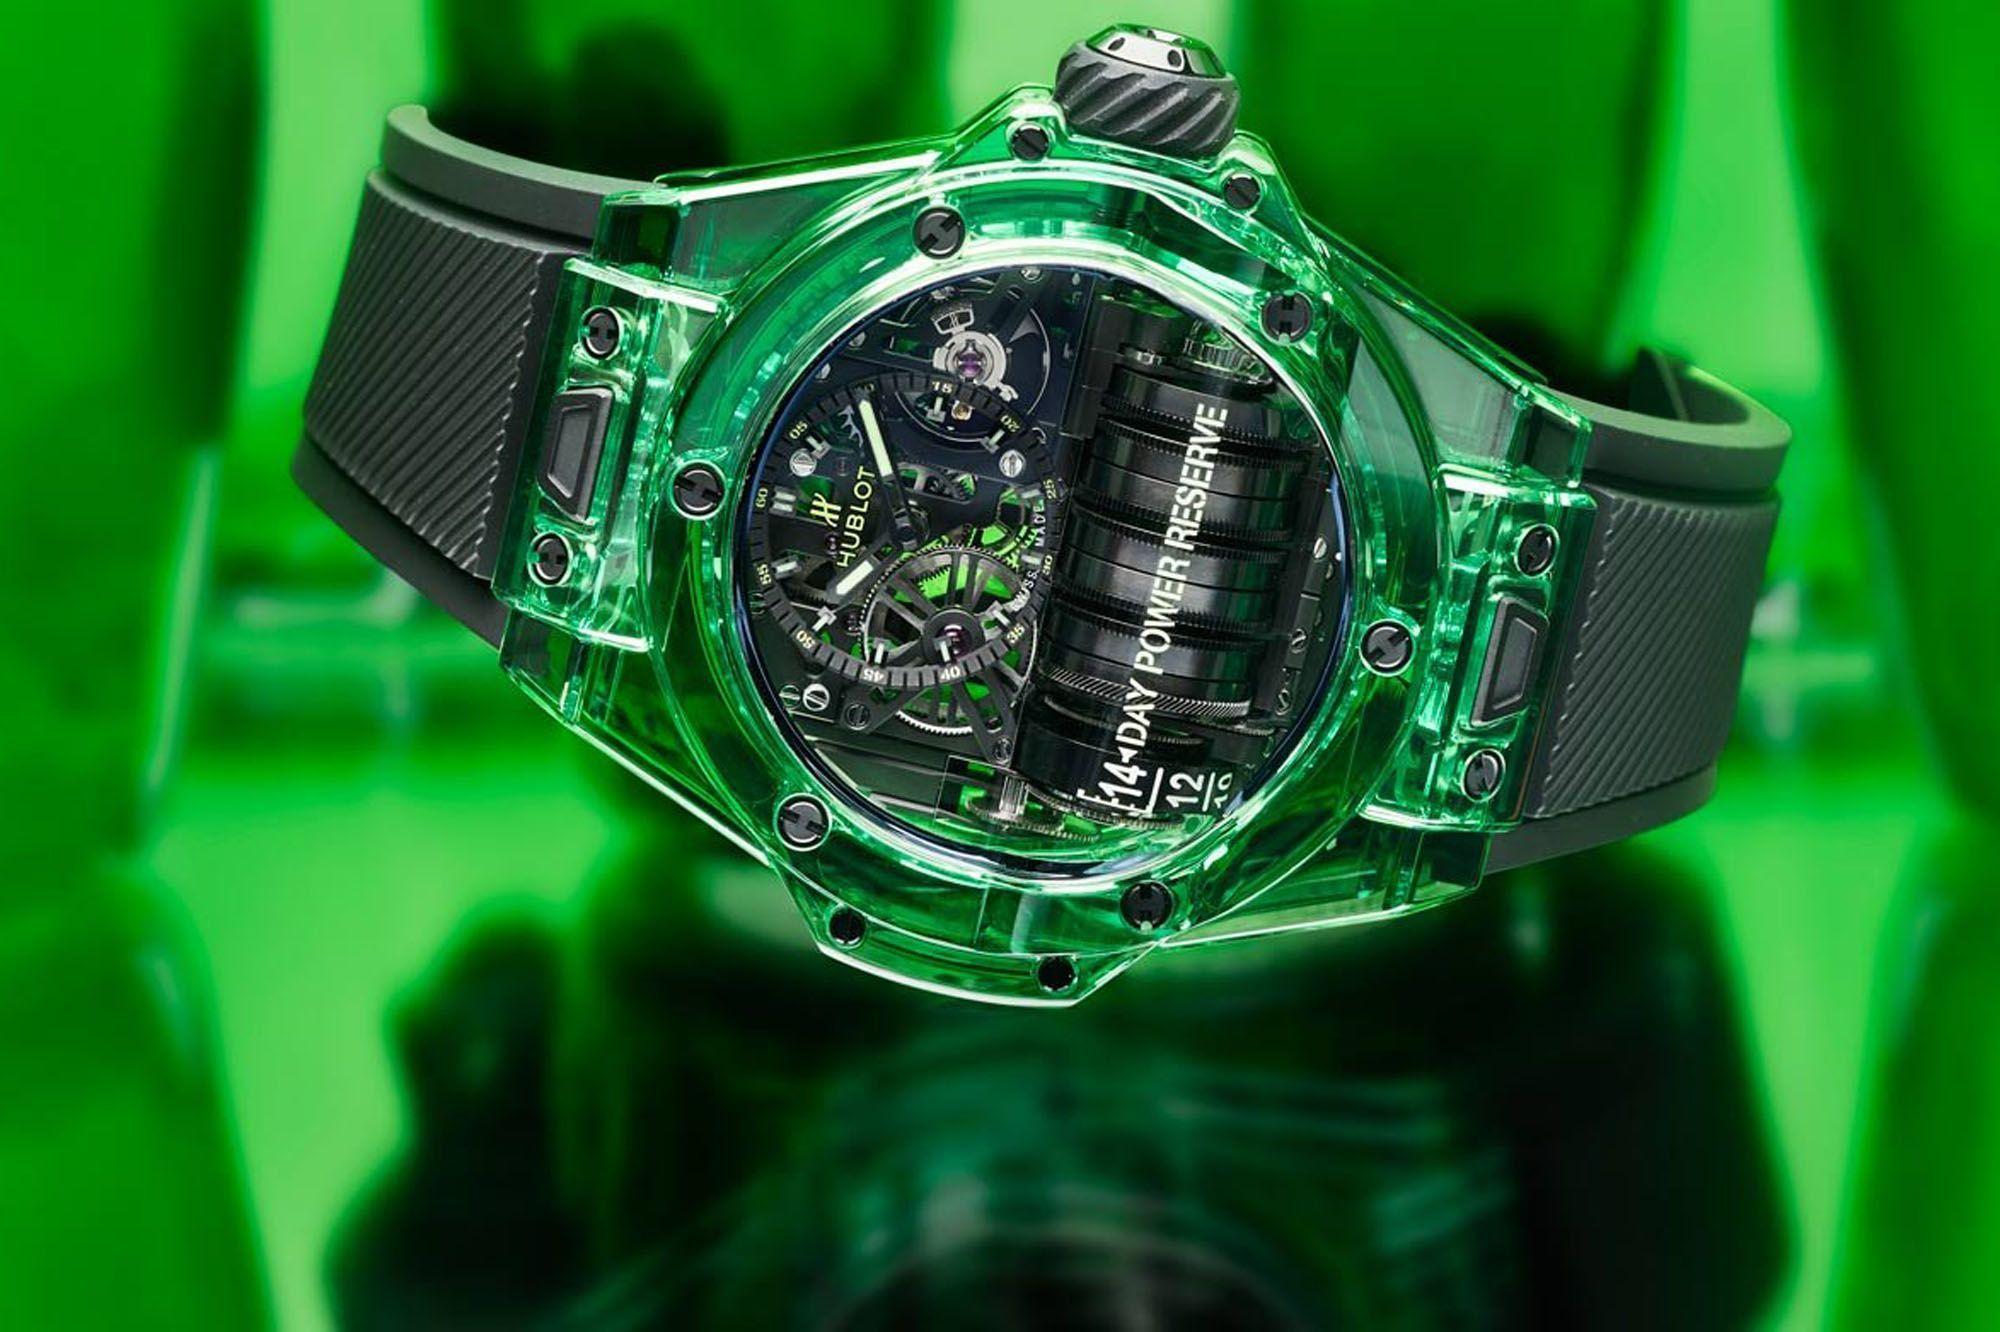 Hublot : des montres aux matériaux innovants